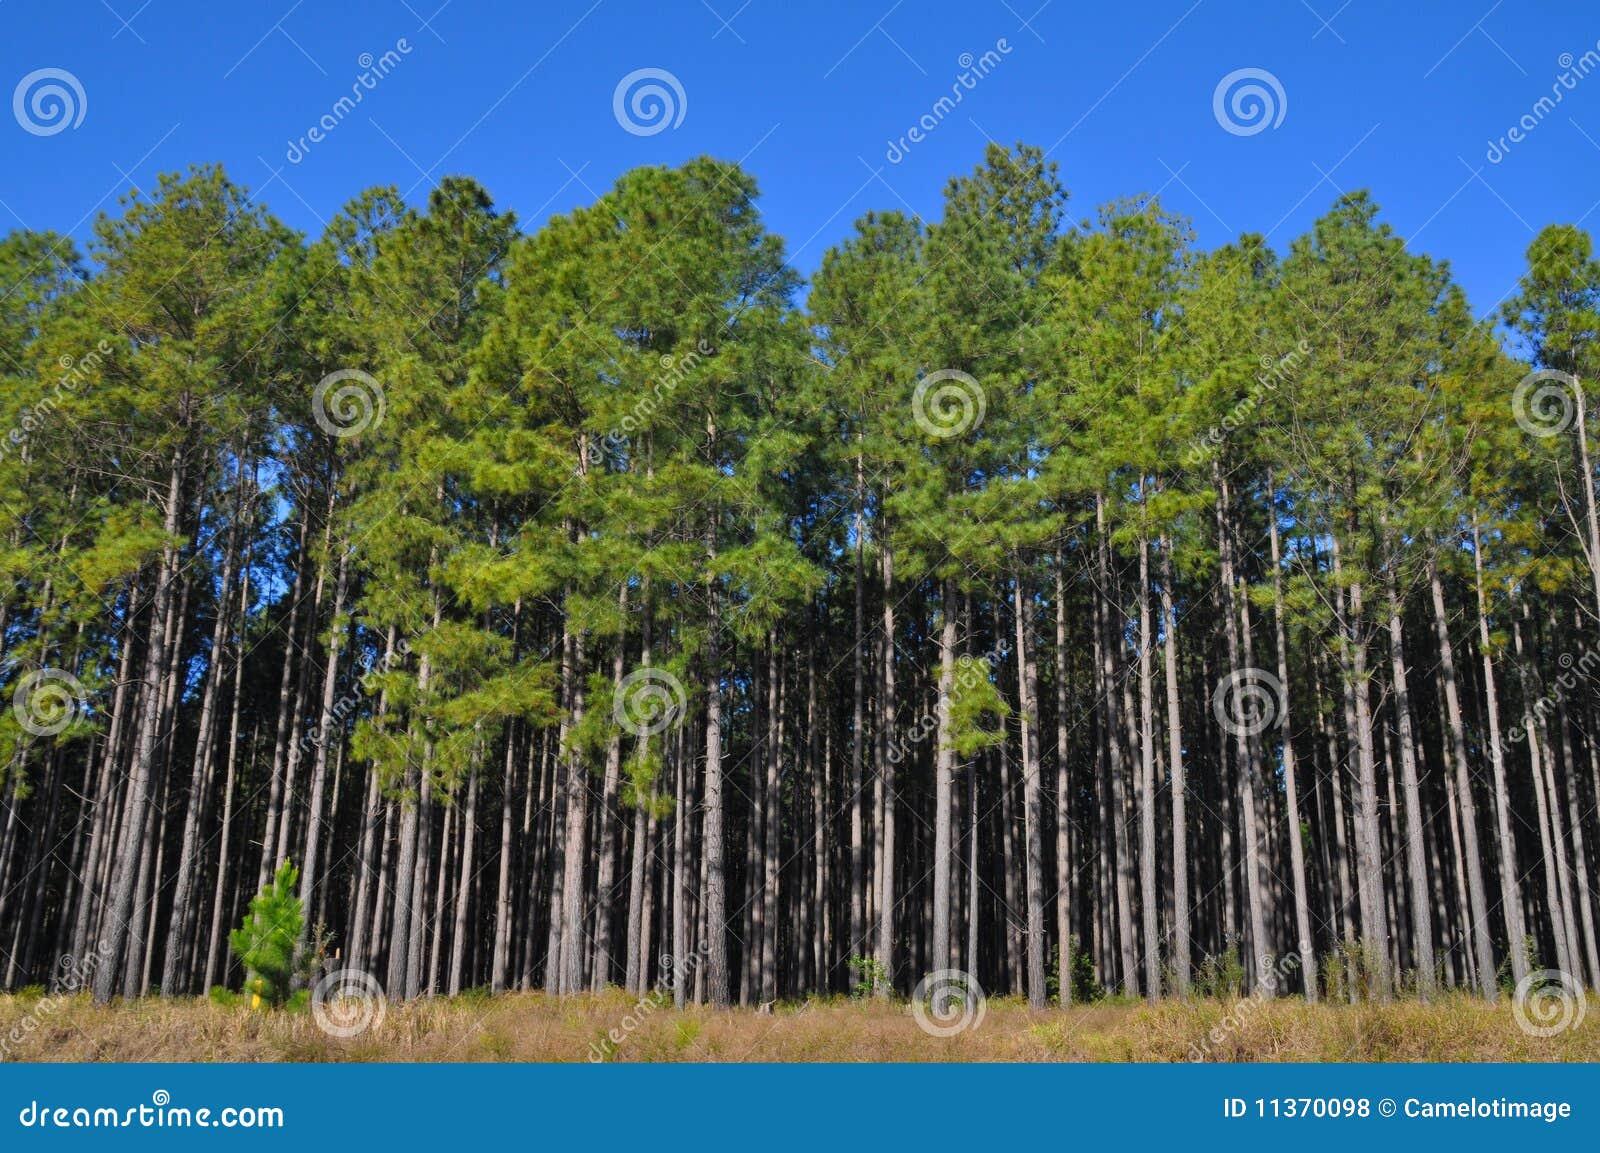 Árboles de pino altos en el borde de una plantación grande